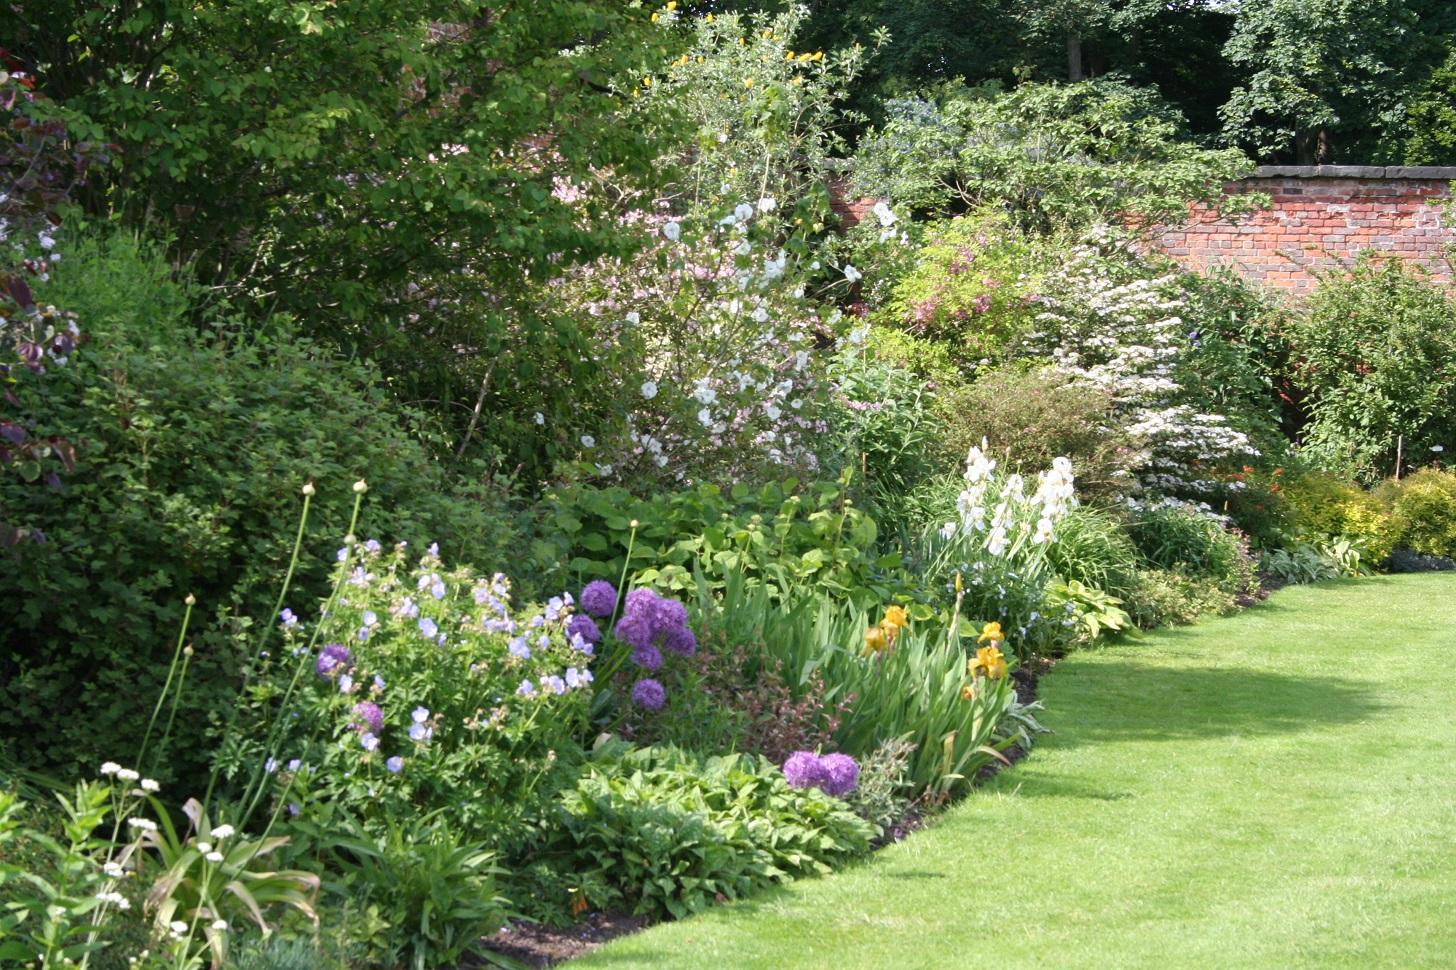 Jardin En Pente Comment Faire 15 points-clés pour réussir un nouveau massif | gamm vert